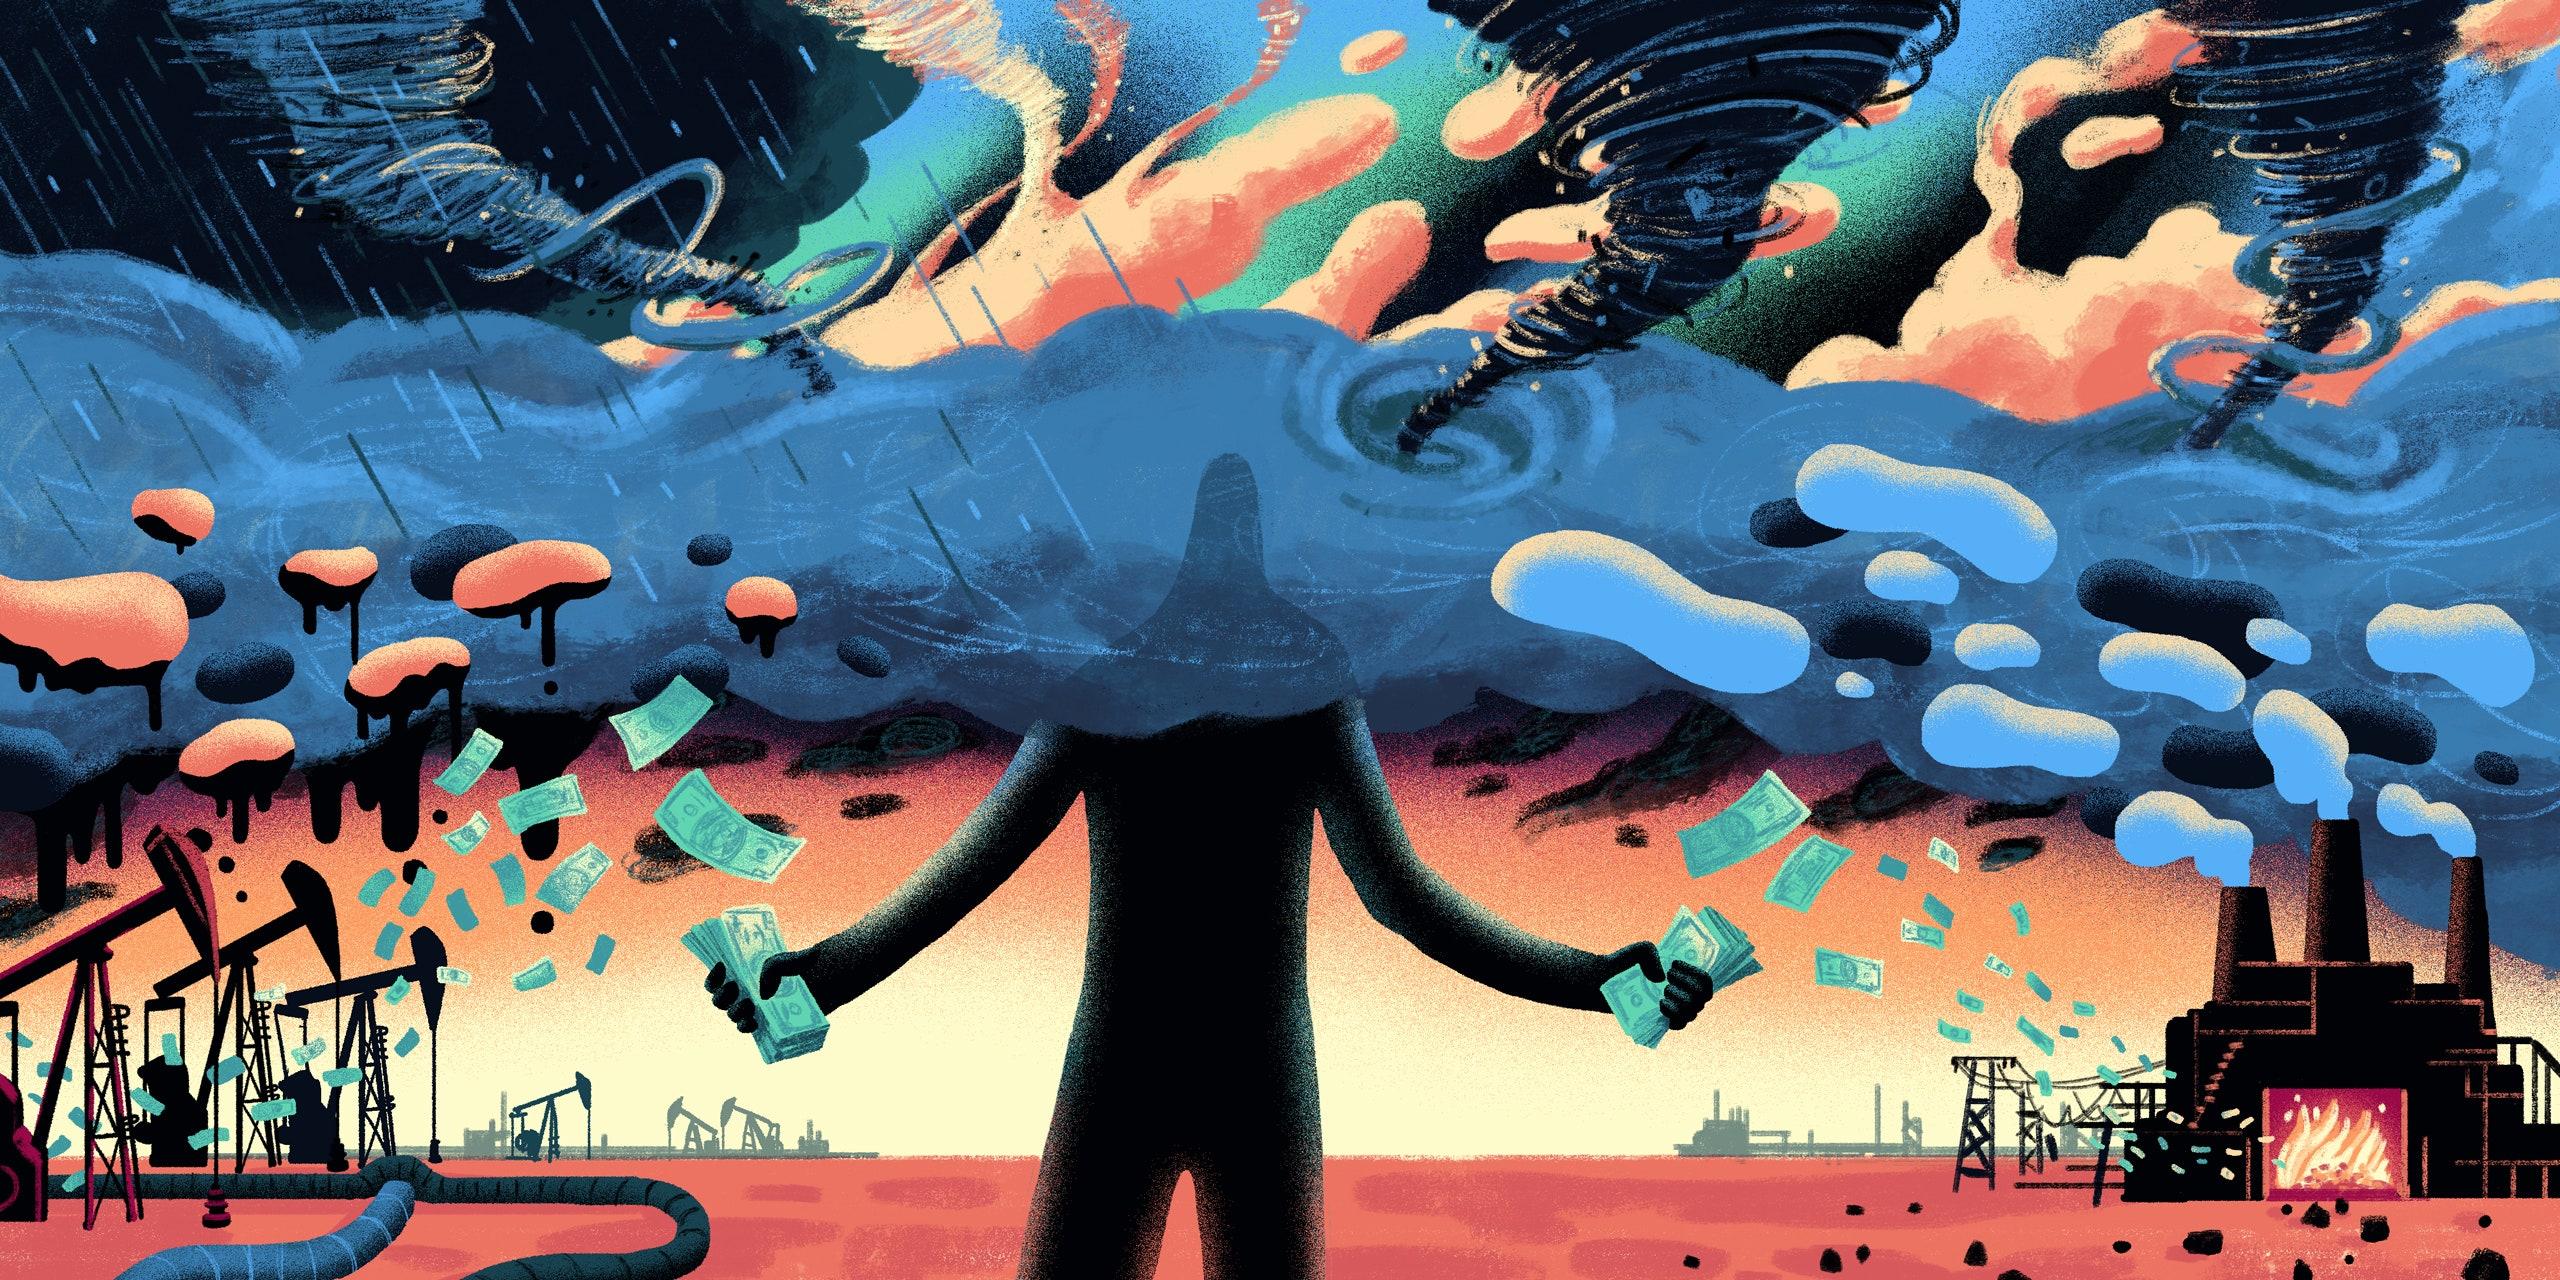 Жадность способна погубить нашу цивилизацию, предупреждают физики-теоретики